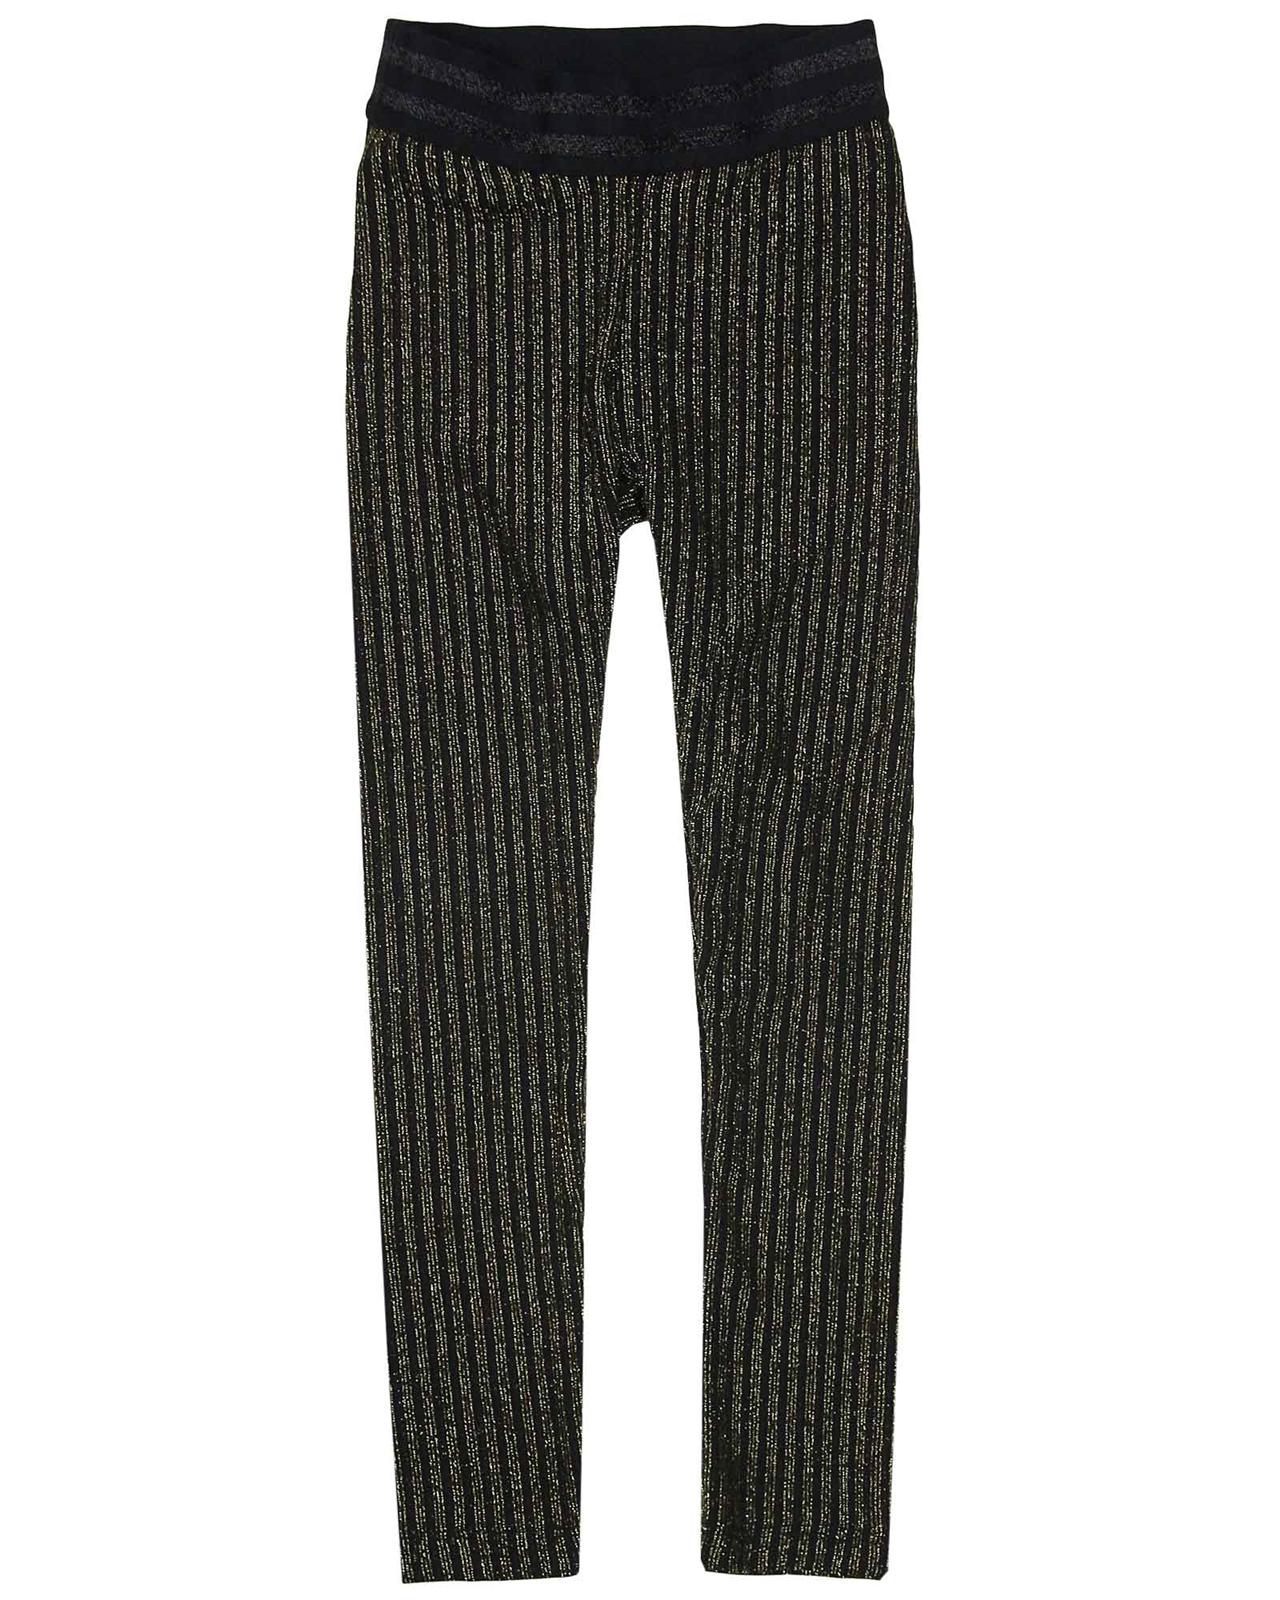 Dress Like Flo Girls Lurex Leggings Sizes 6-14